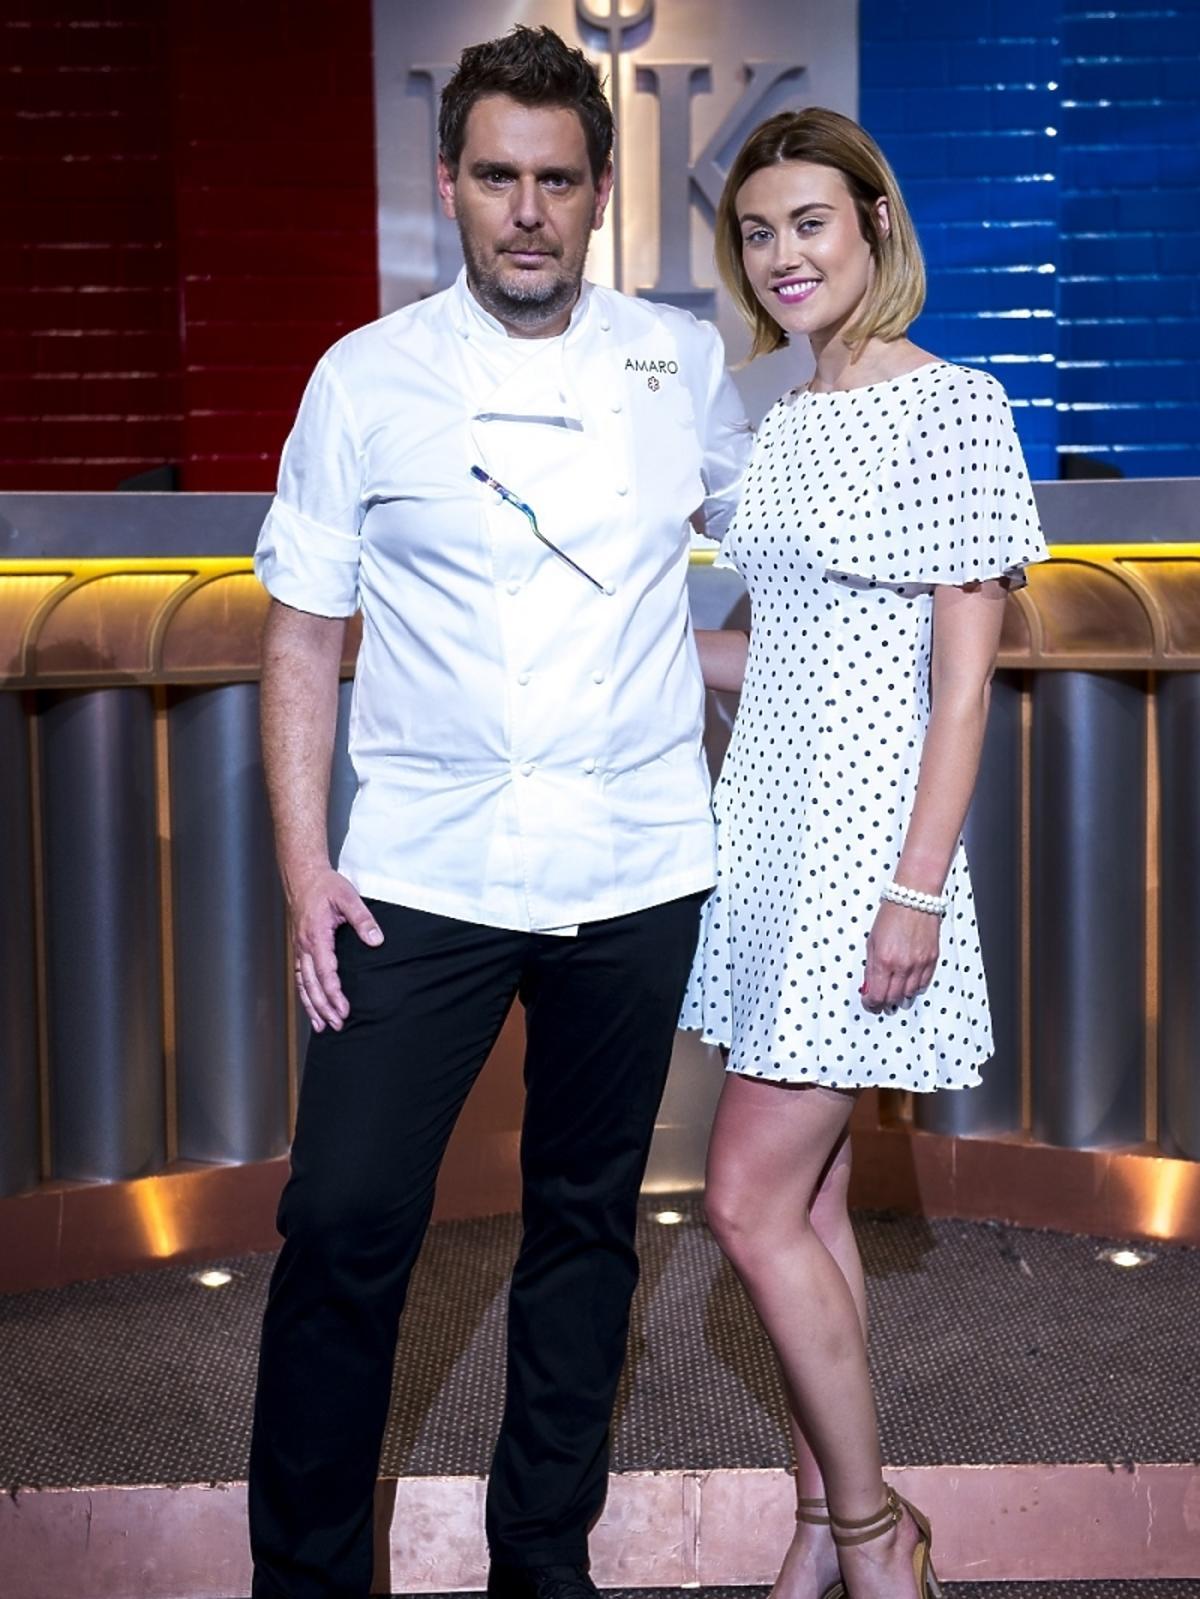 Wojciech Modest Amaro i Aleksandra Ogłaza na planie Hell's Kitchen